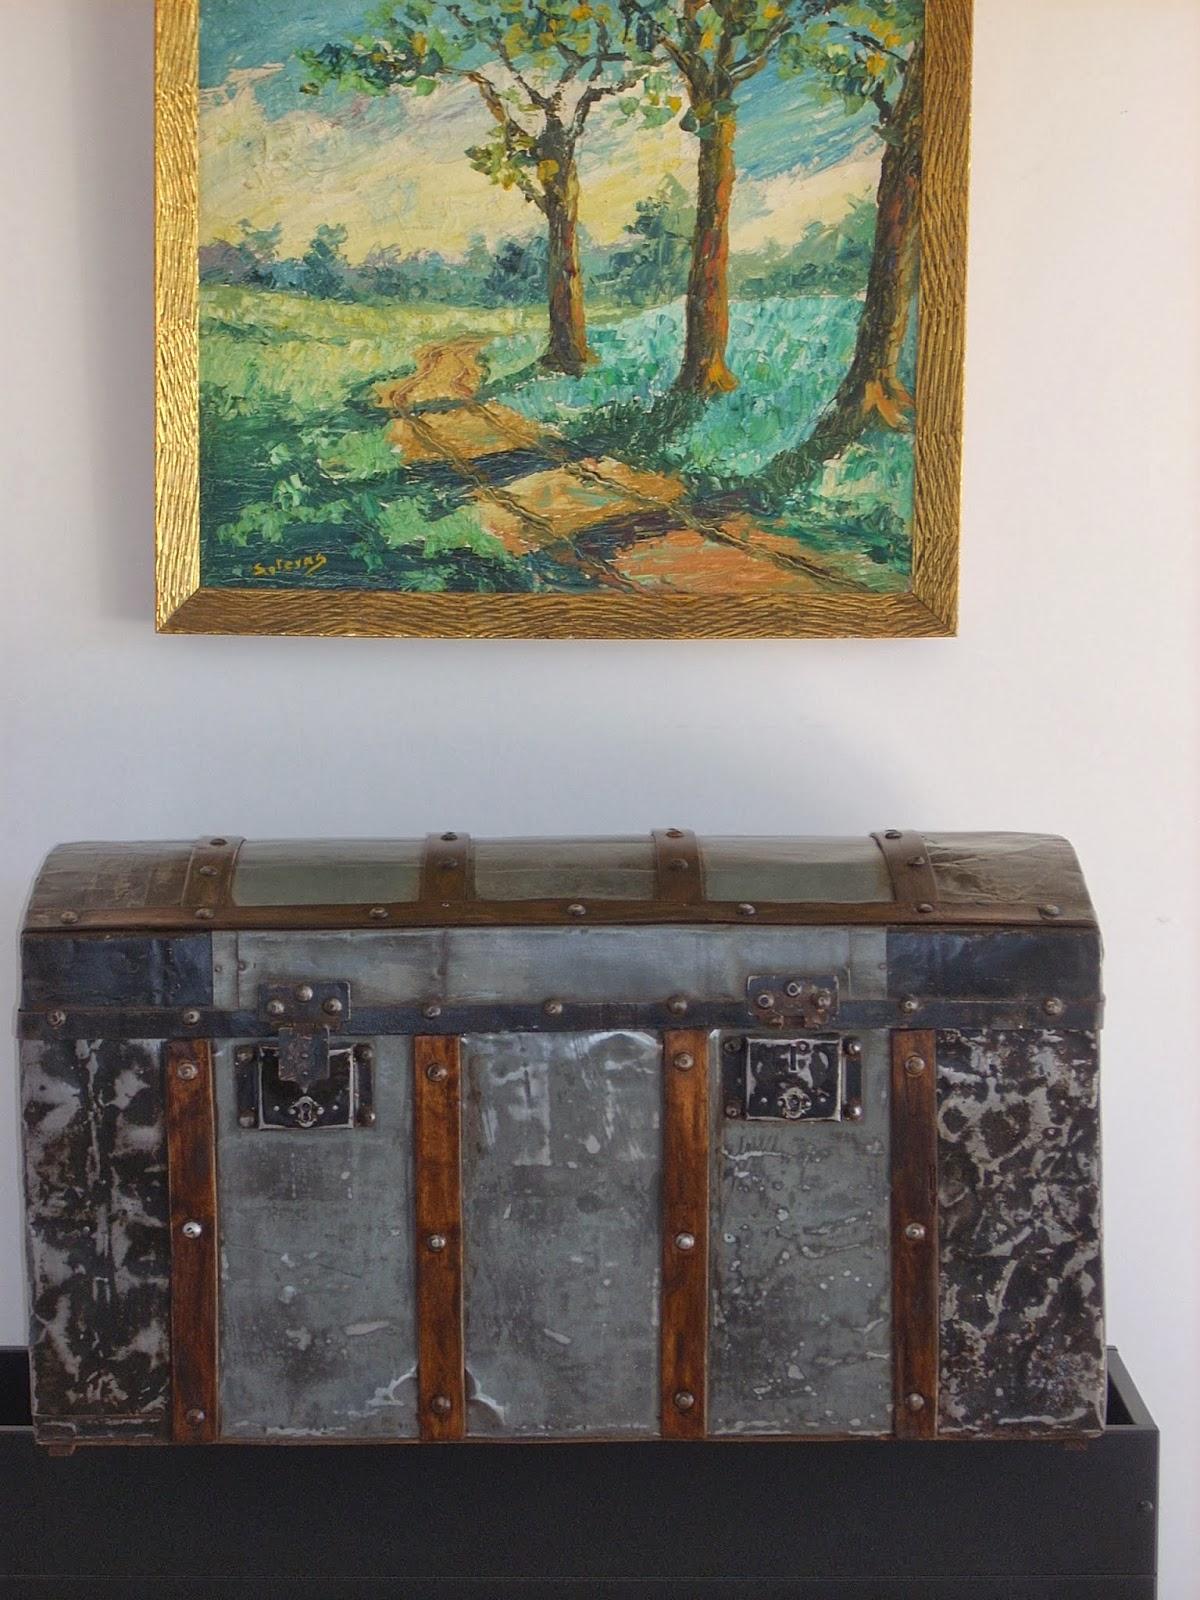 Fotos de muebles antiguos restaurados - Fotos de muebles antiguos ...